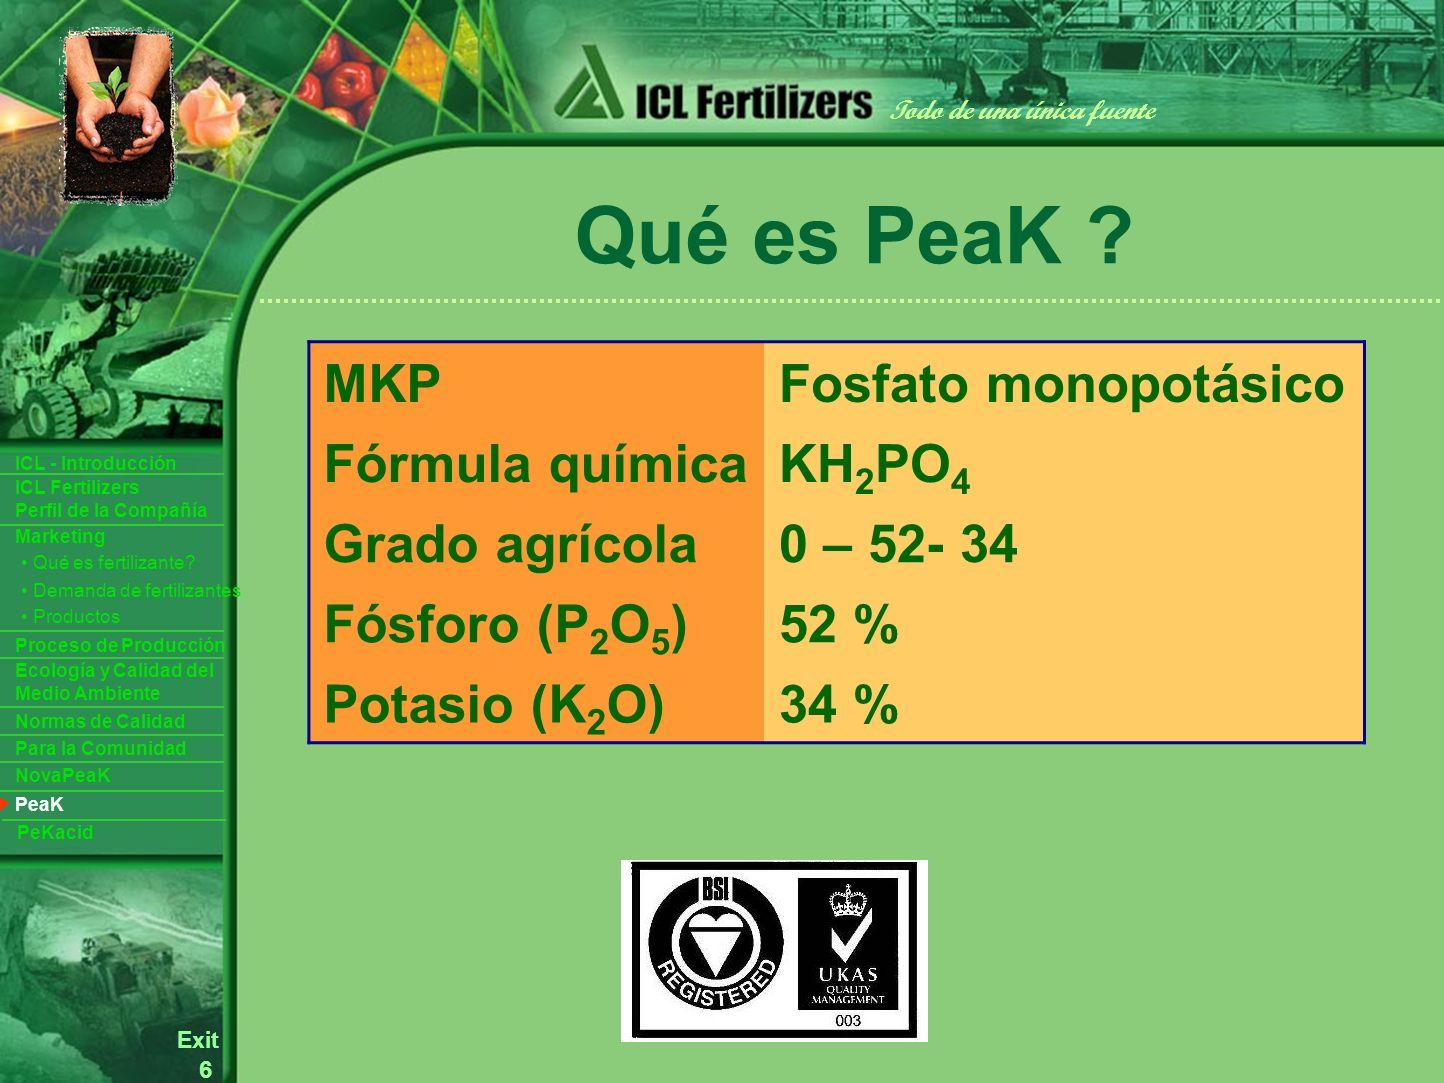 7 Exit Todo de una única fuente ICL Fertilizers Perfil de la Compañía ICL - Introducción Productos Para la Comunidad Ecología y Calidad del Medio Ambiente Normas de Calidad Marketing Proceso de Producción Demanda de fertilizantes Qué es fertilizante.